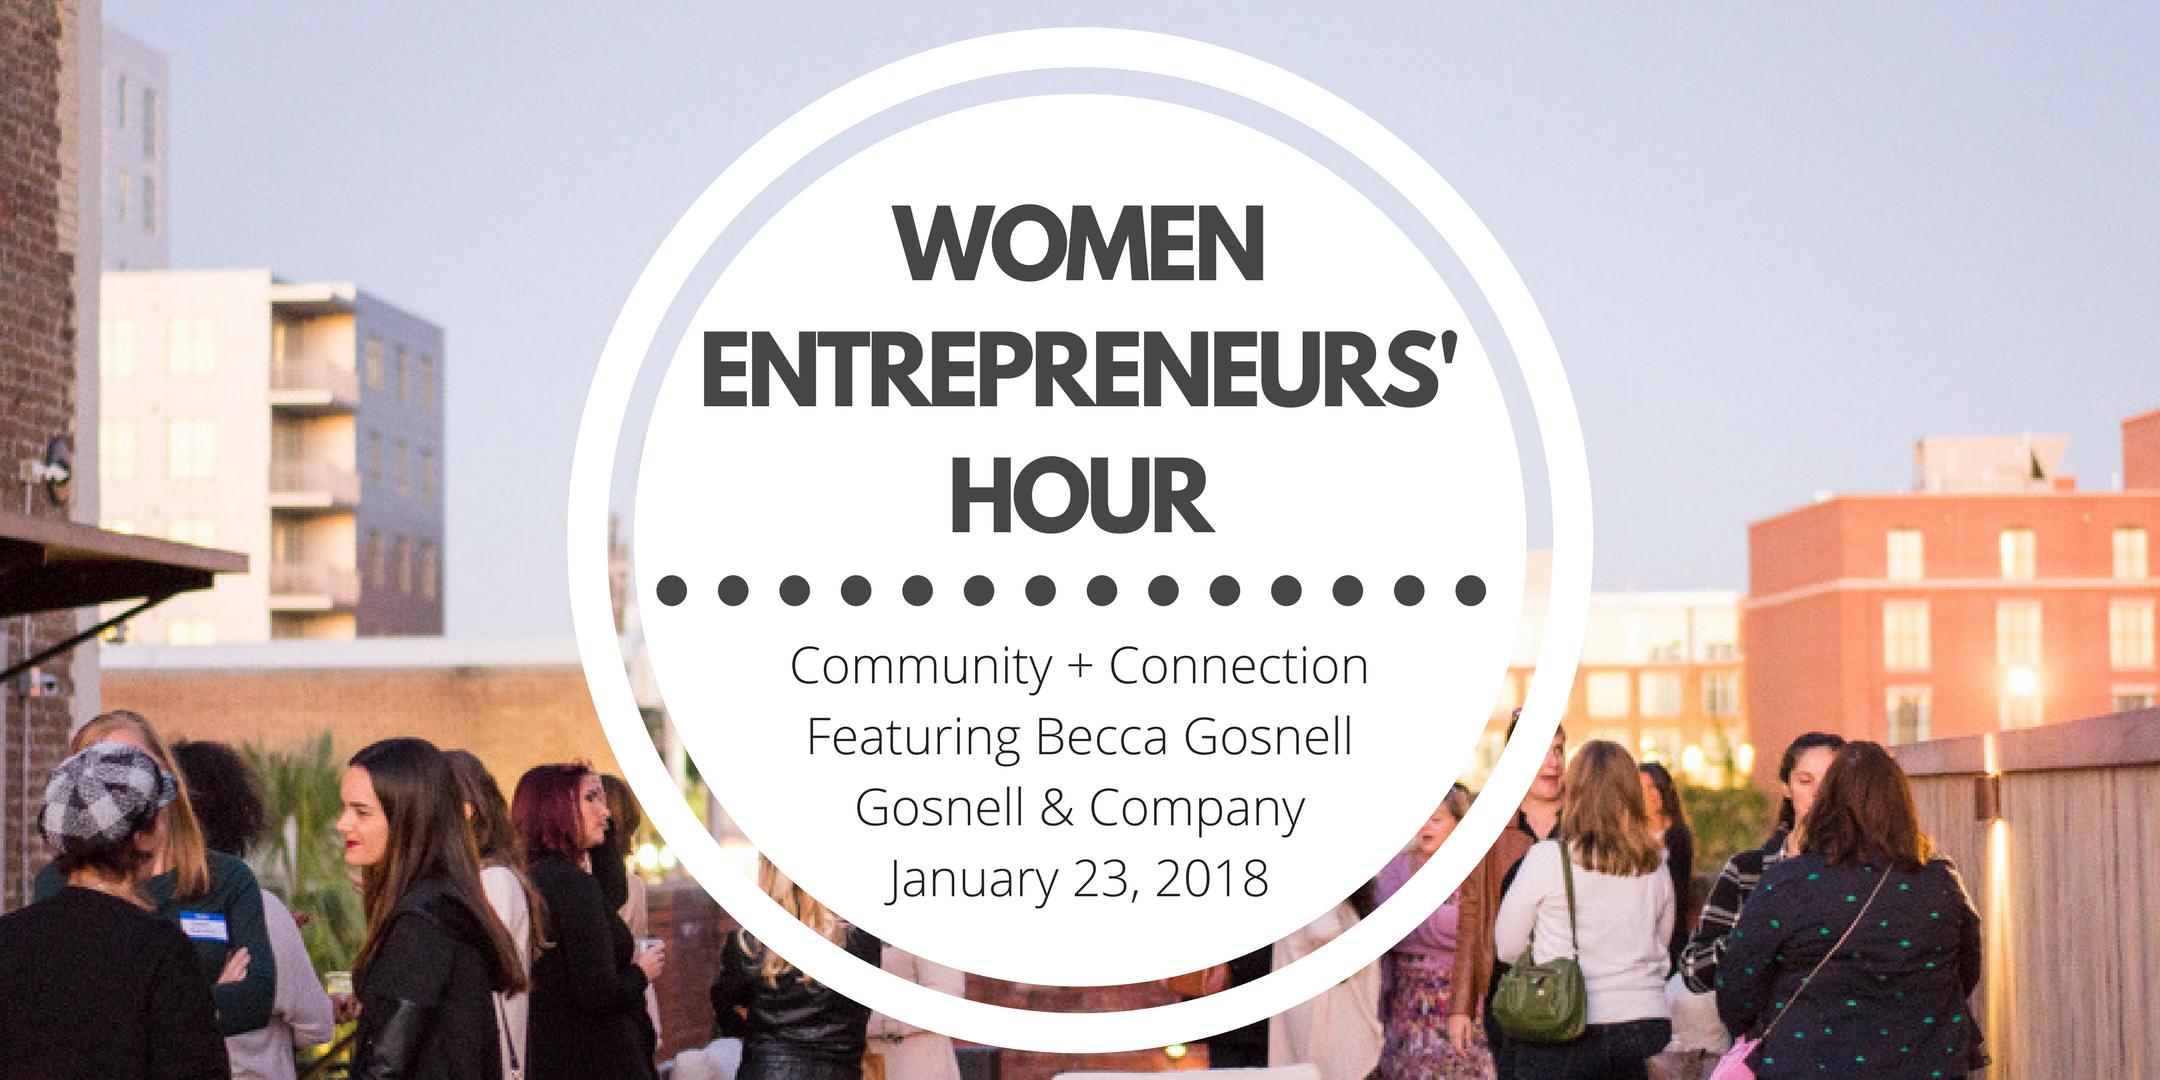 Women Entrepreneurs Hour - Community & Connection